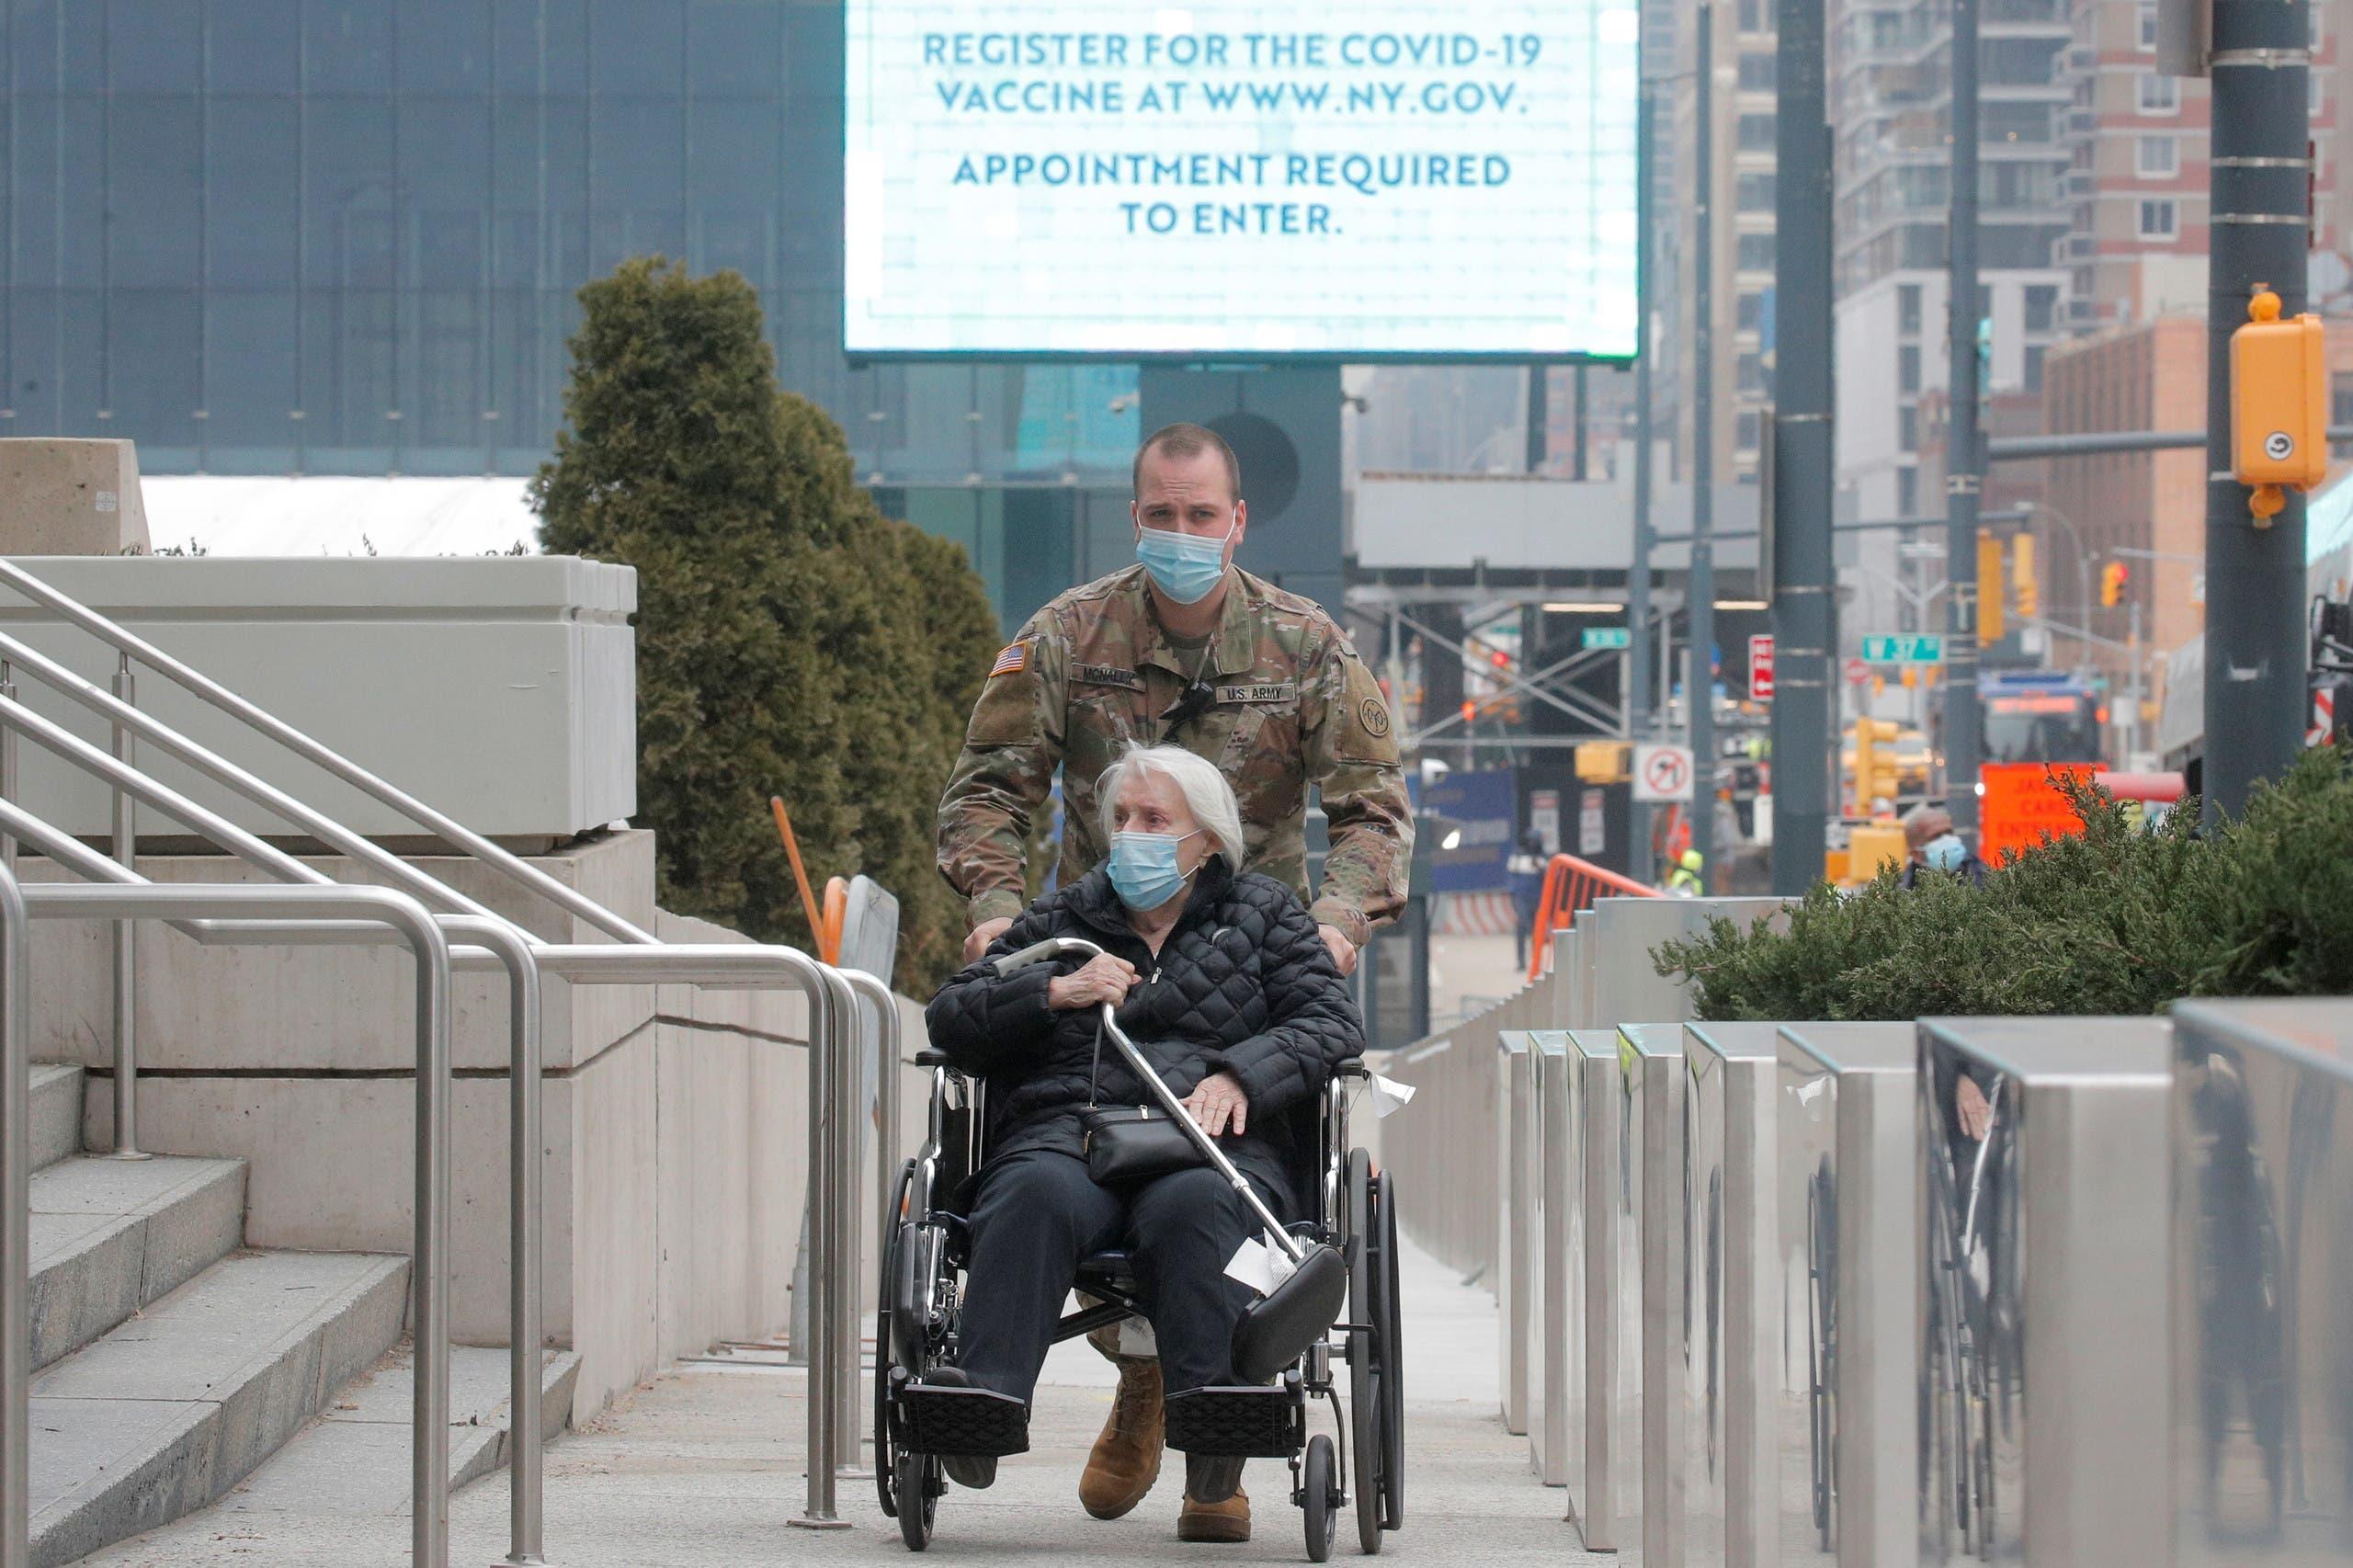 جندي أميركي يوصل سيدة مسنة إلى مركز تطعيم في نيويورك